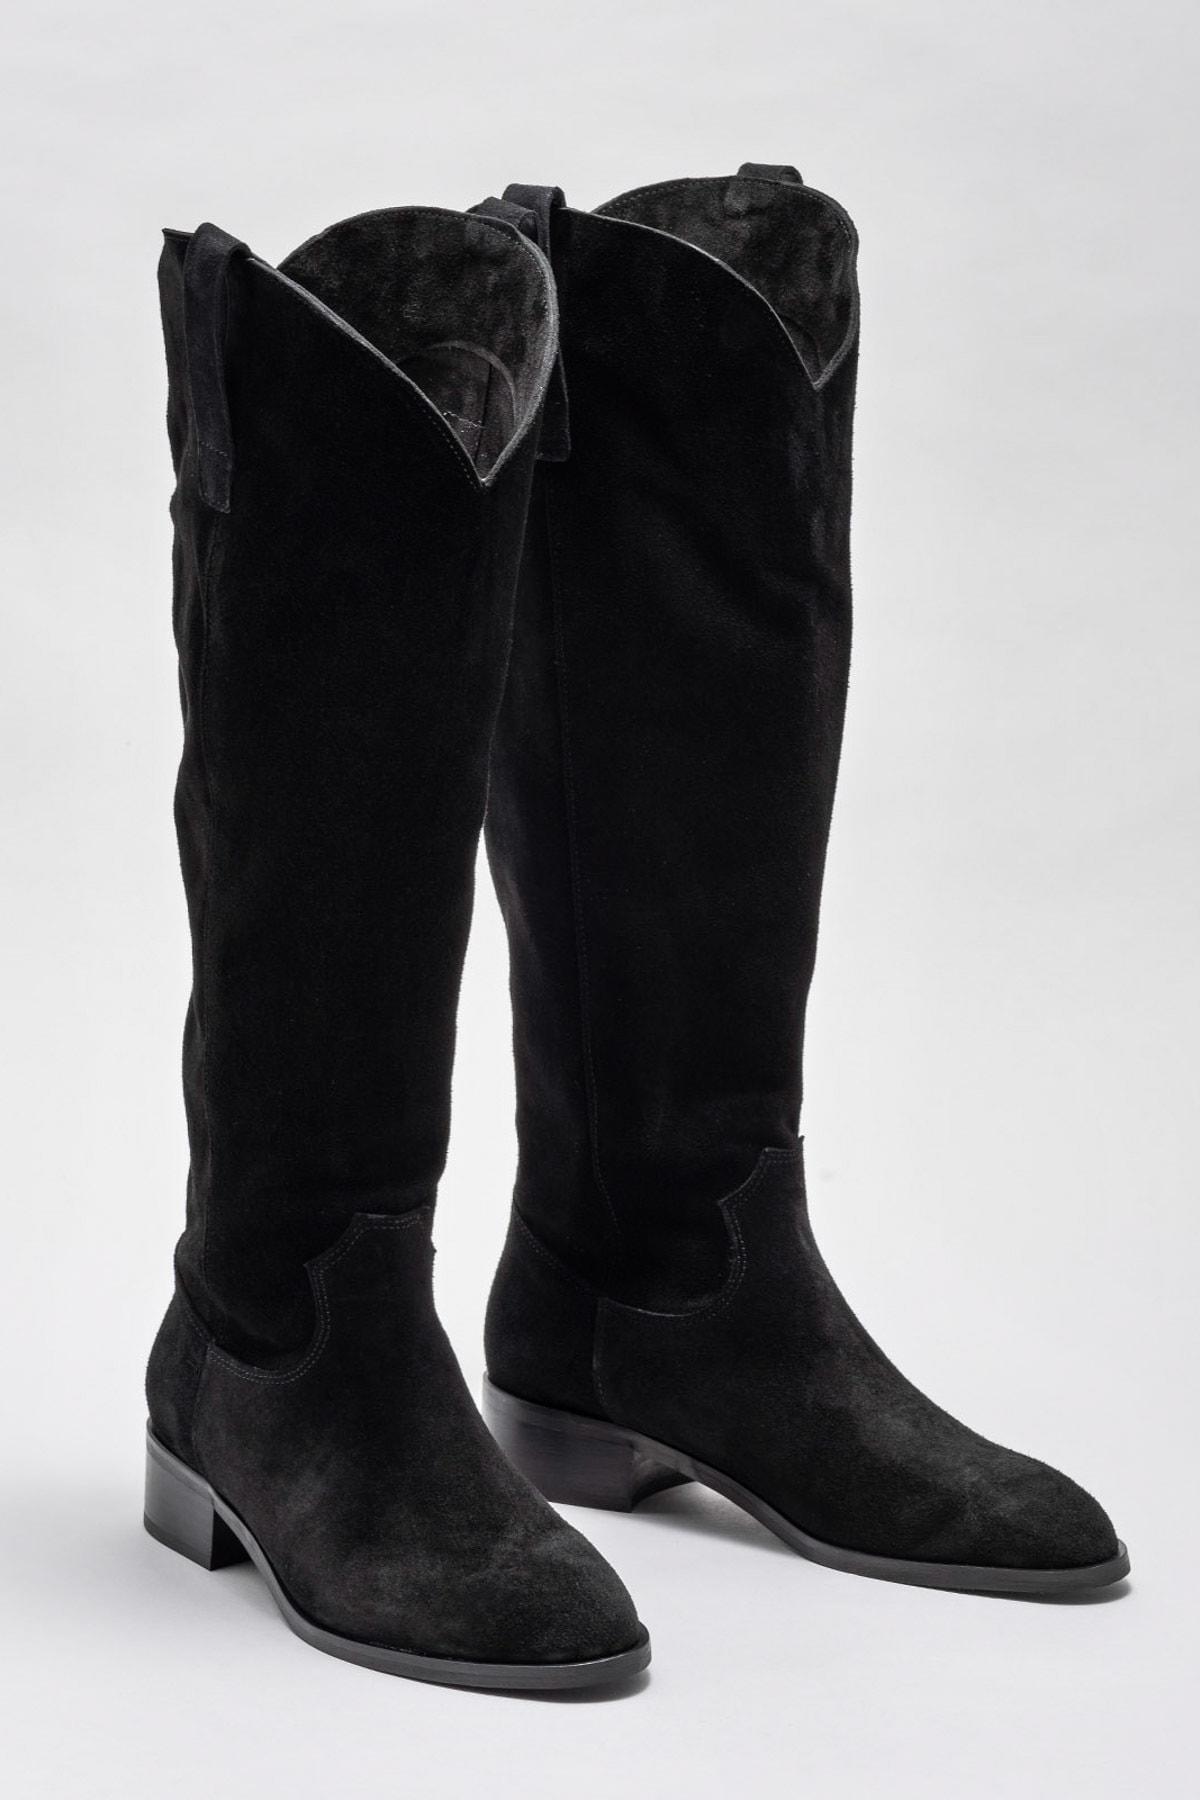 Elle Shoes Kadın Symer Sıyah Çizme 20K009 2